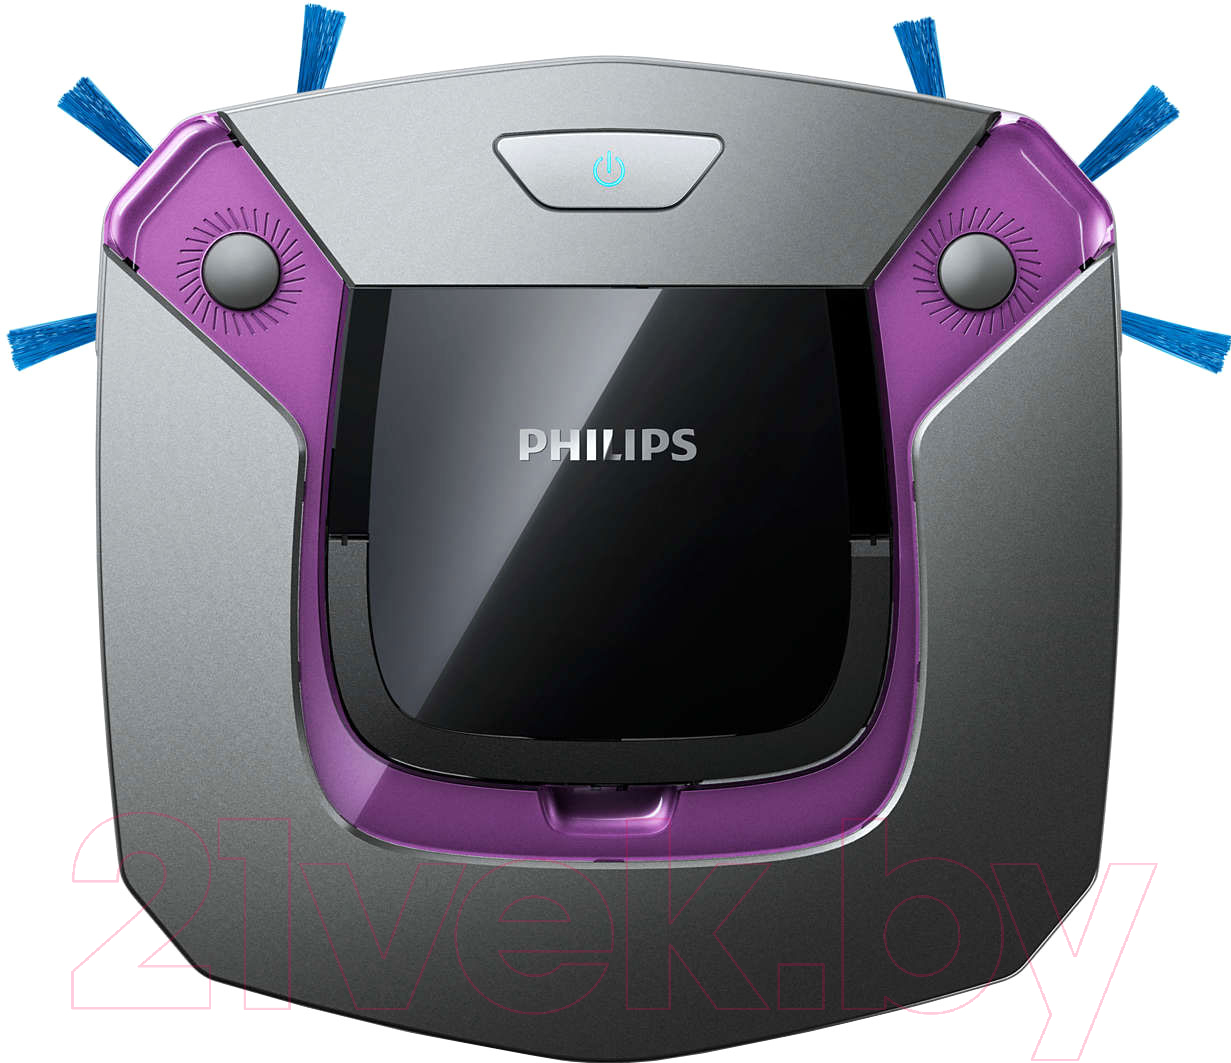 Купить Робот-пылесос Philips, FC8796/01, Китай